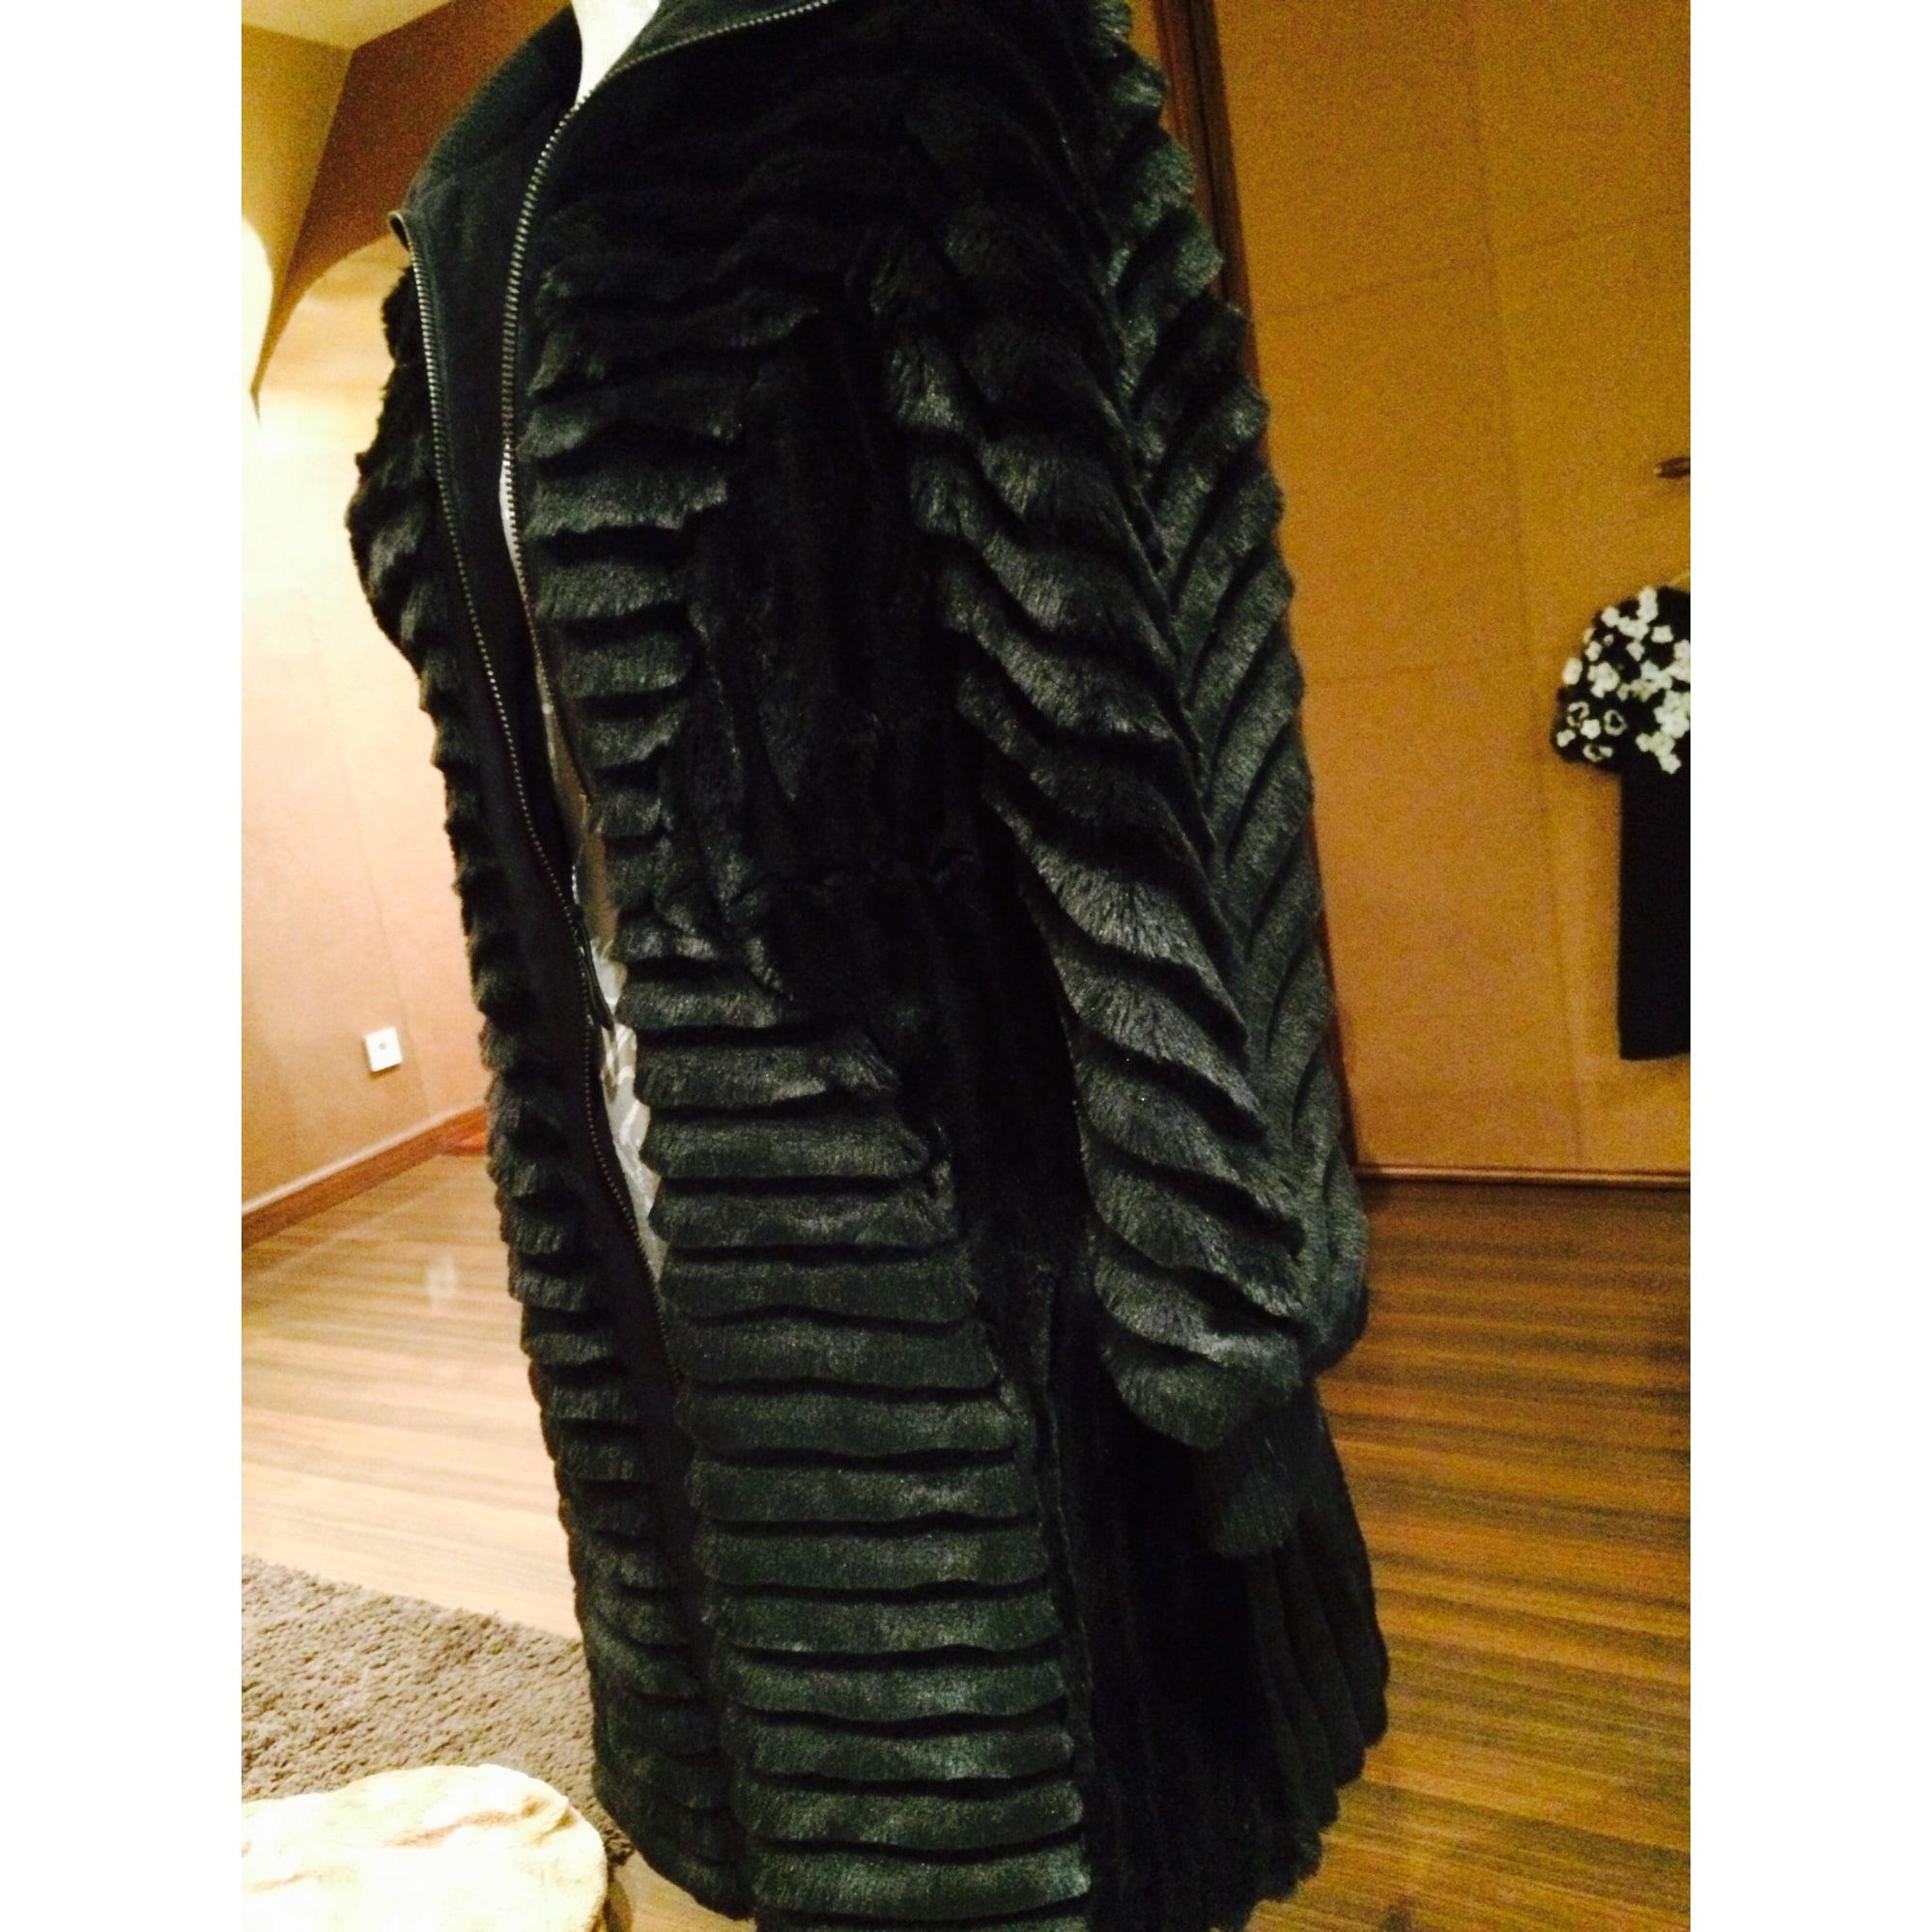 b58a1ed6d6d7 Manteau en fourrure ARMANI JEANS 36 (S, T1) noir vendu par Linda ...